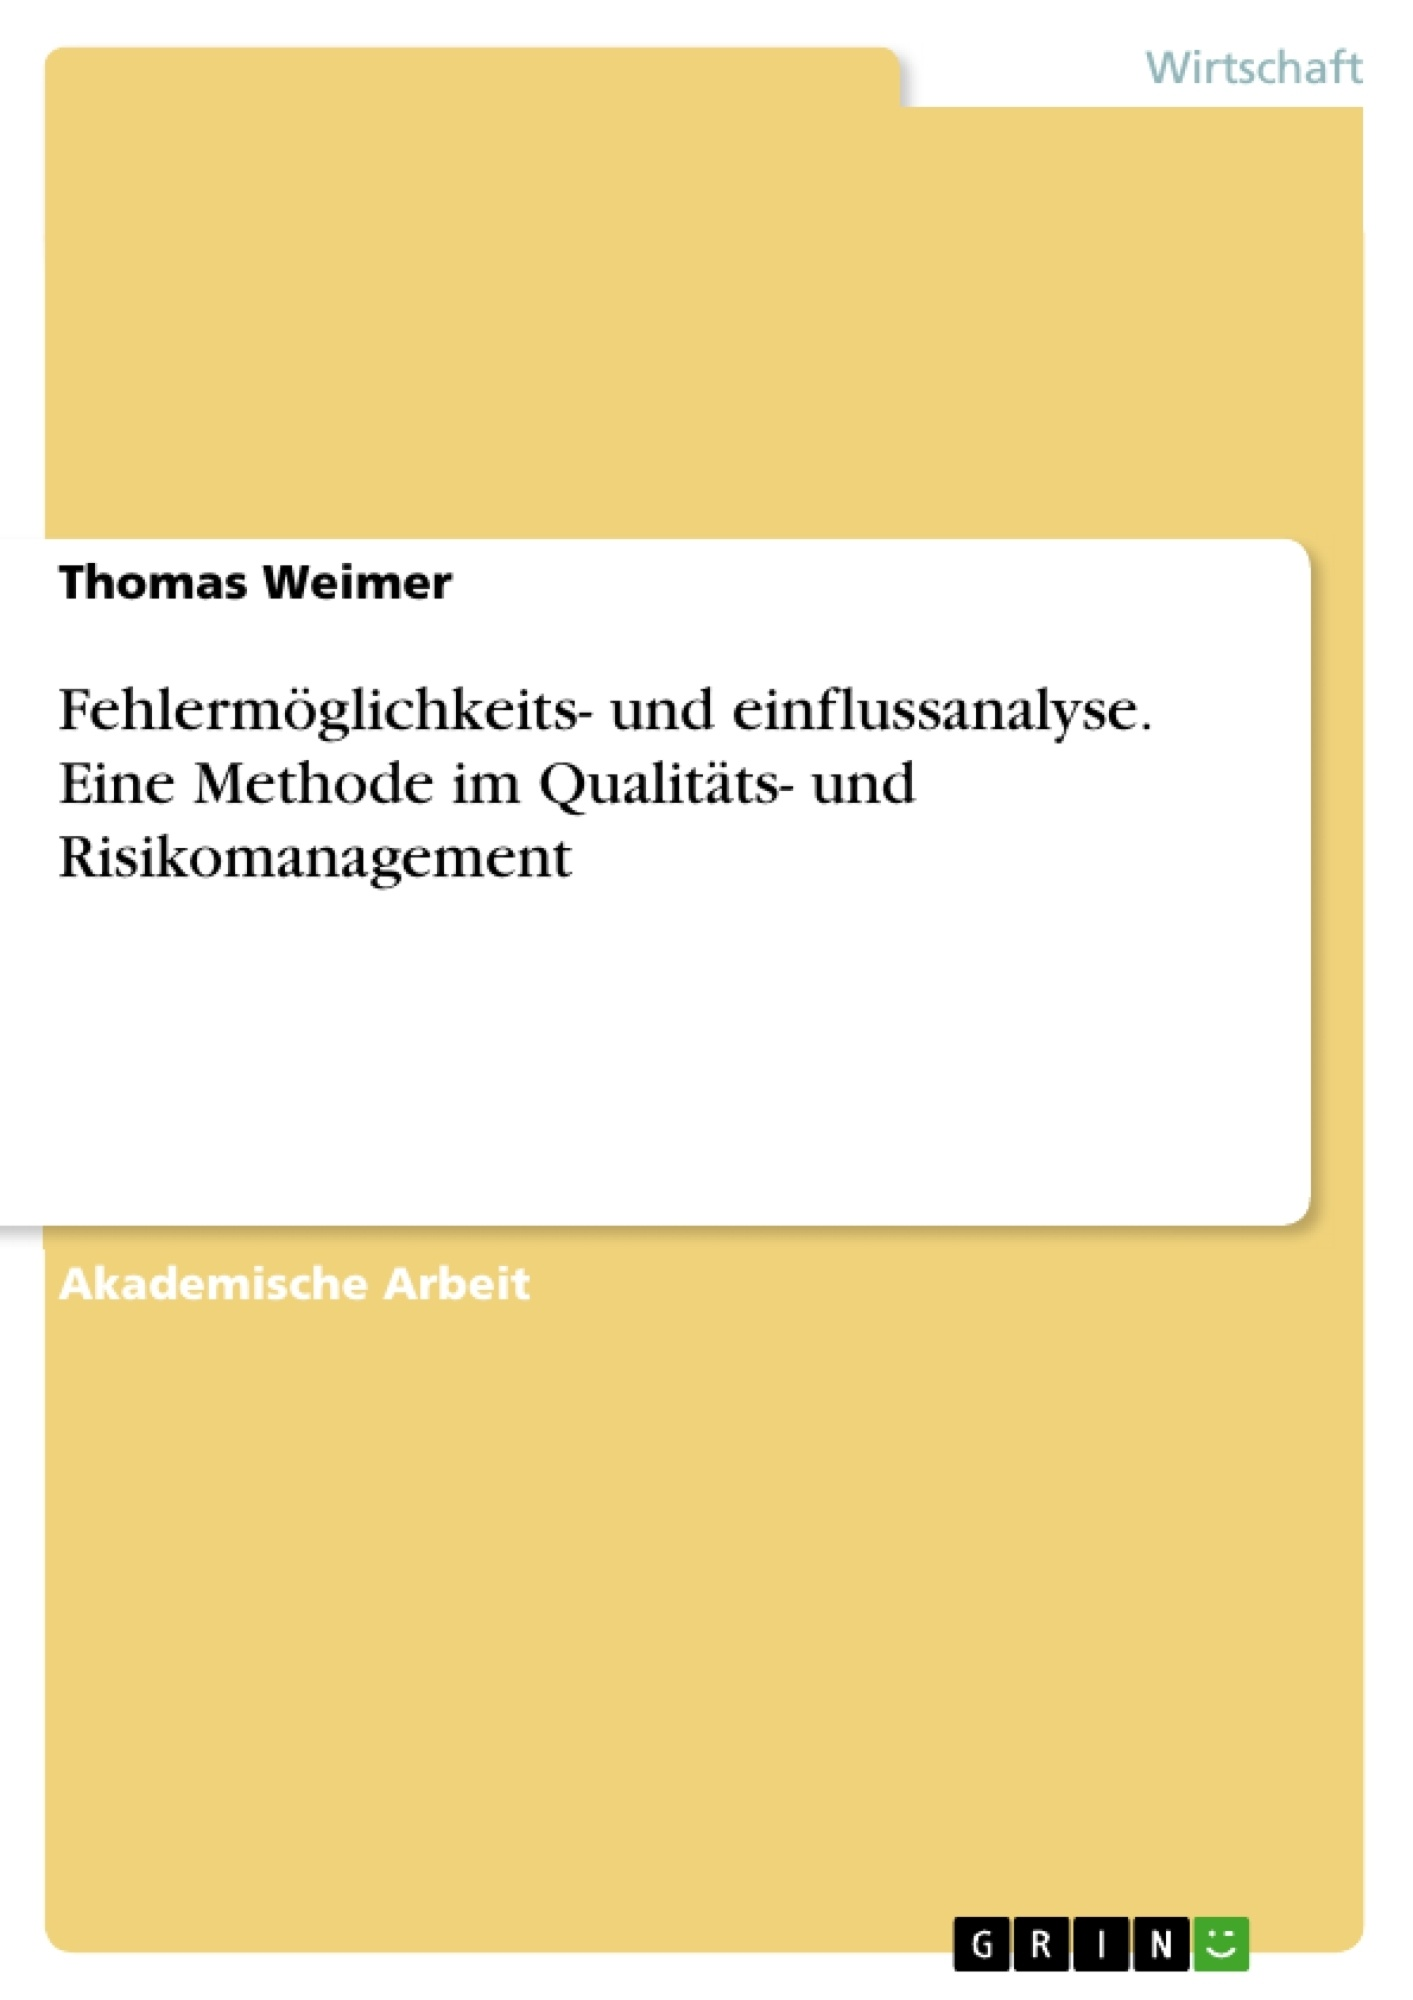 Titel: Fehlermöglichkeits- und einflussanalyse. Eine Methode im Qualitäts- und Risikomanagement